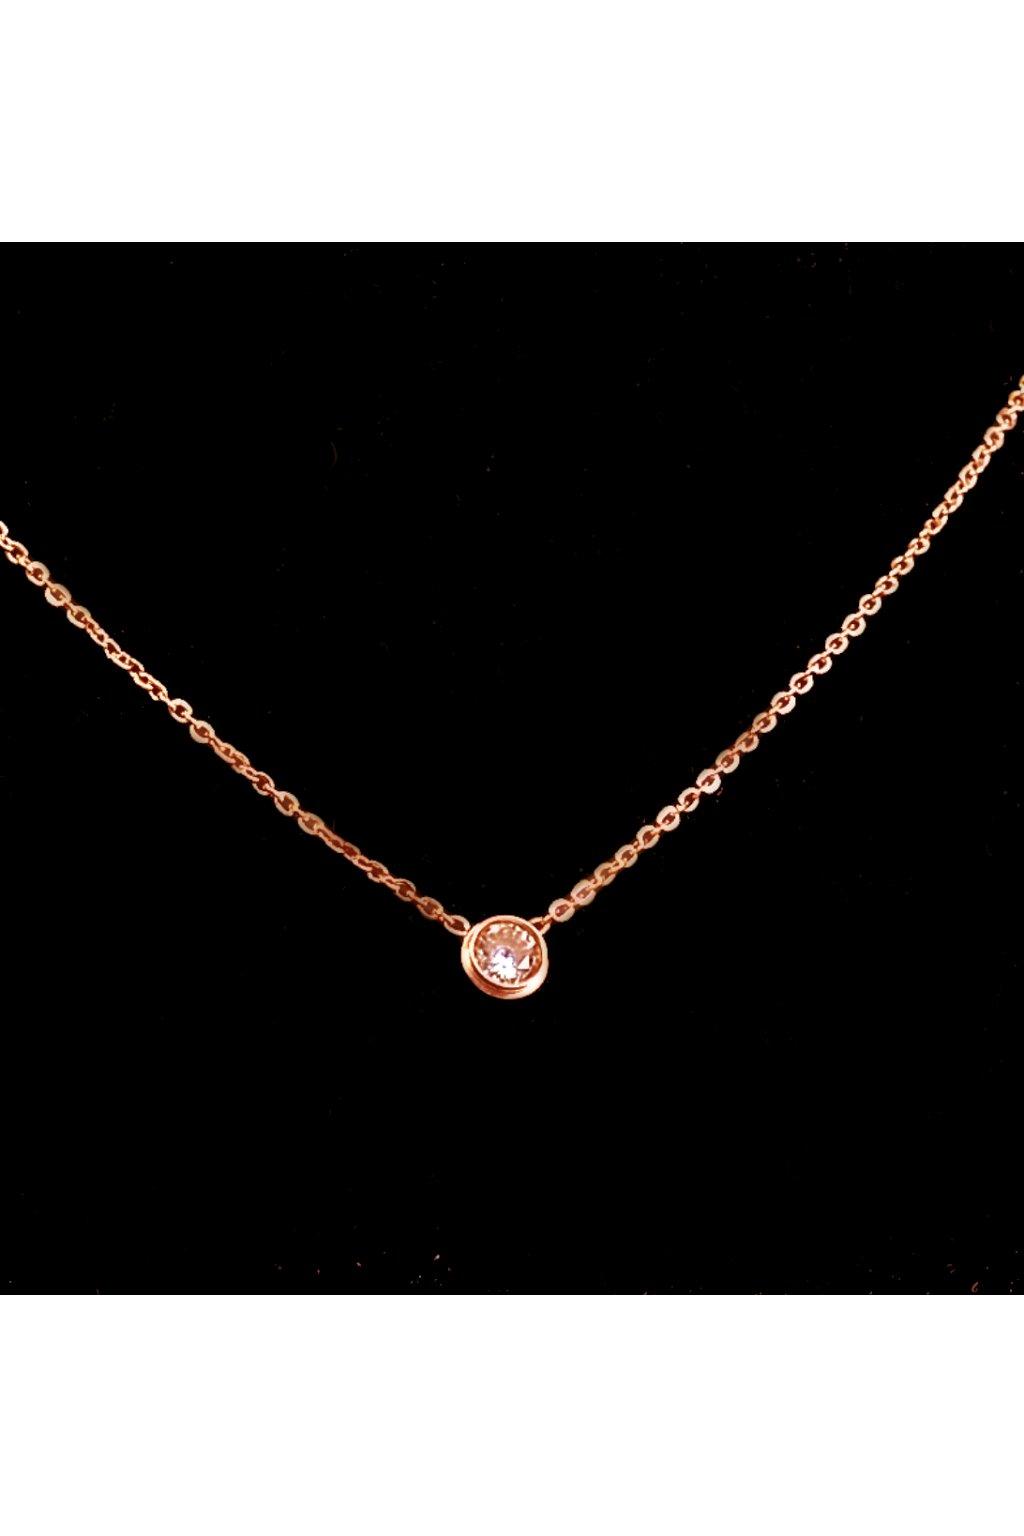 Skalimar Náhrdelník z chirurgické oceli ROSE GOLD ZIRKON 31002205B